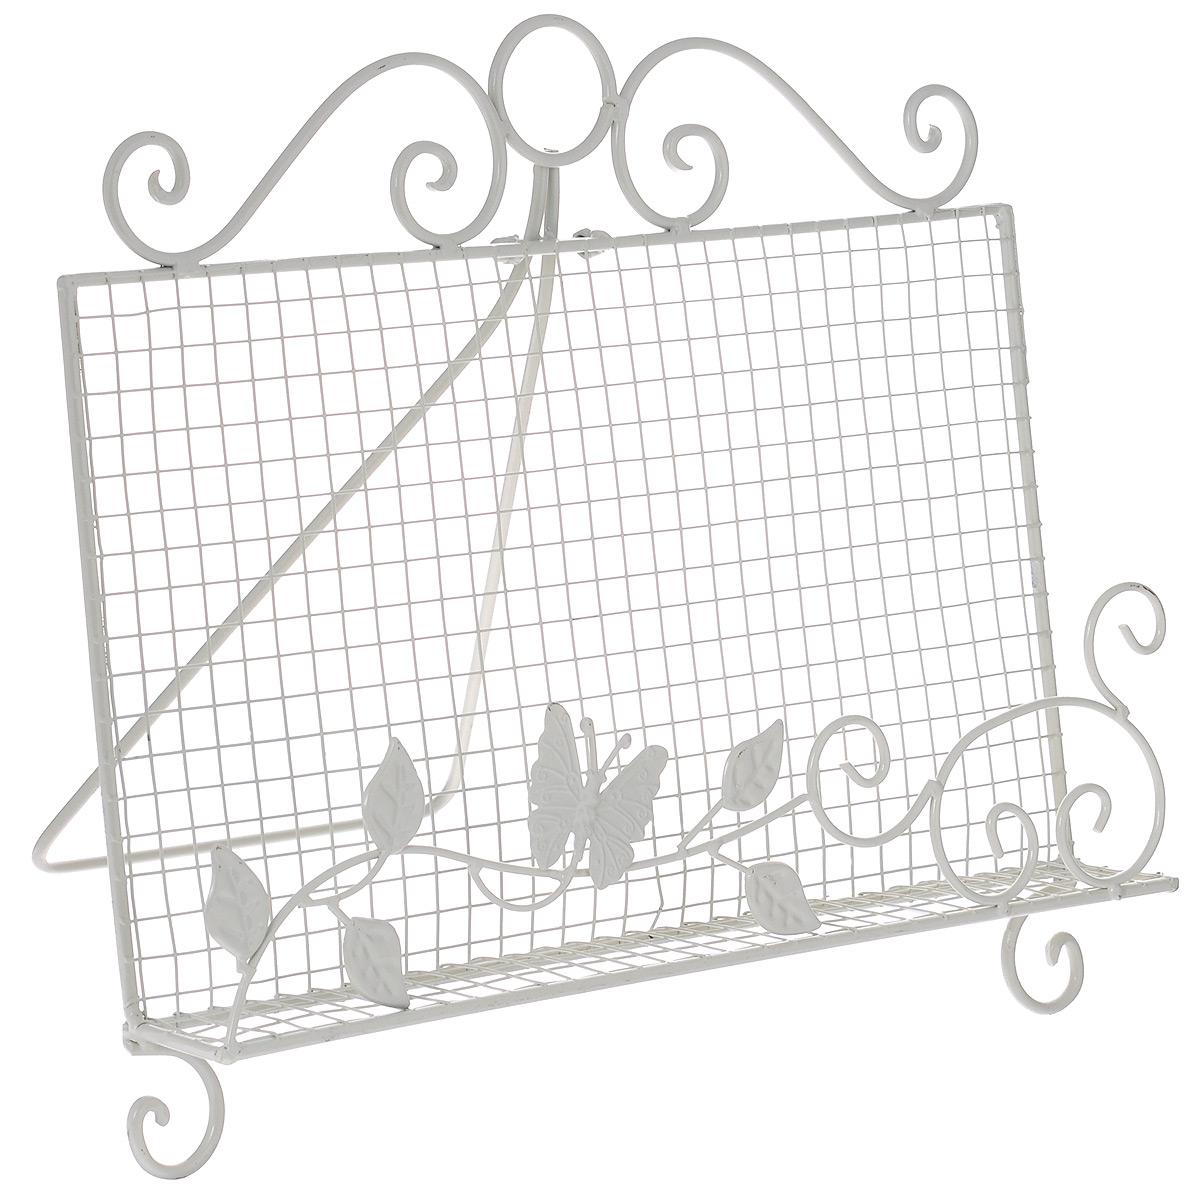 Подставка для книги Бабочка в листве, 40 х 5 х 34 см36805Удобная подставка Бабочка в листве предназначена для книг. Изделие выполнено из кованого металла в классическом стиле. Изделие украшено изящными завитками и узорами из металла. Подставка располагается на удобных ножках-завитках. Сзади имеется специальная ножка для устойчивого расположения на поверхности. Такая подставка поможет не только хранить газеты и журналы в одном месте и станет предметом декора. Размер подставки: 39 см х 31 см х 39 см.